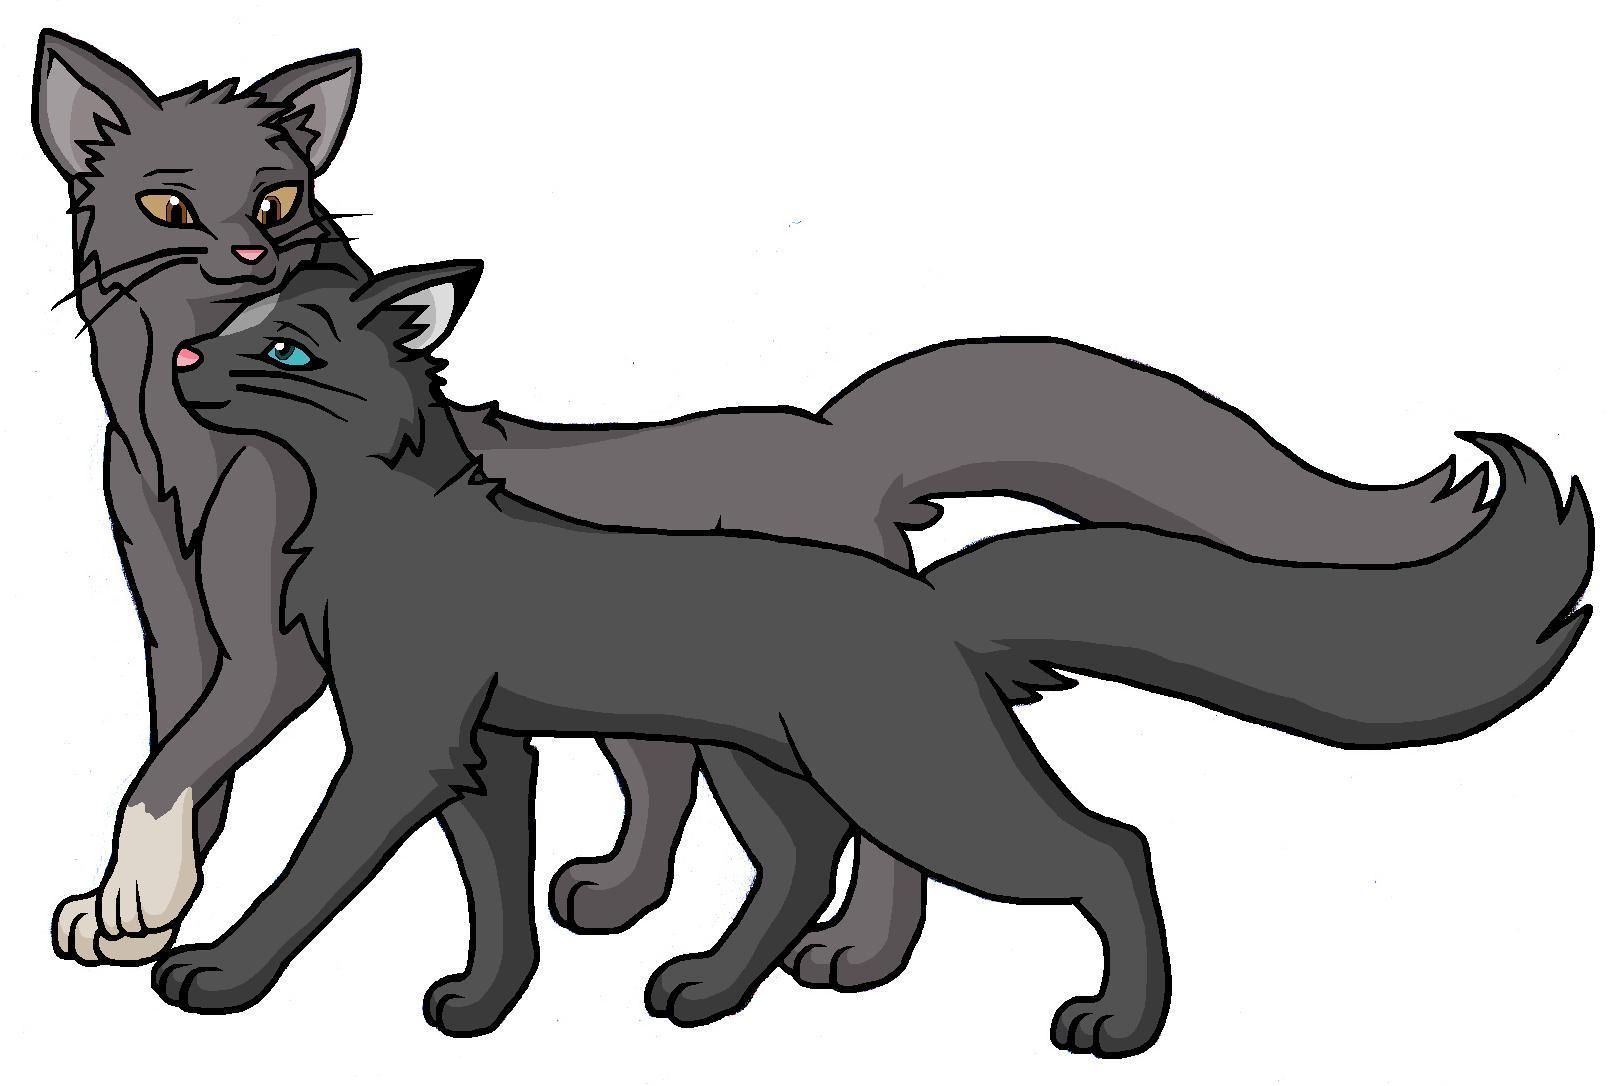 Katzen Ausmalbilder Warrior Cats : Bild Img Jpg Warrior Cats Wiki Fandom Powered By Wikia